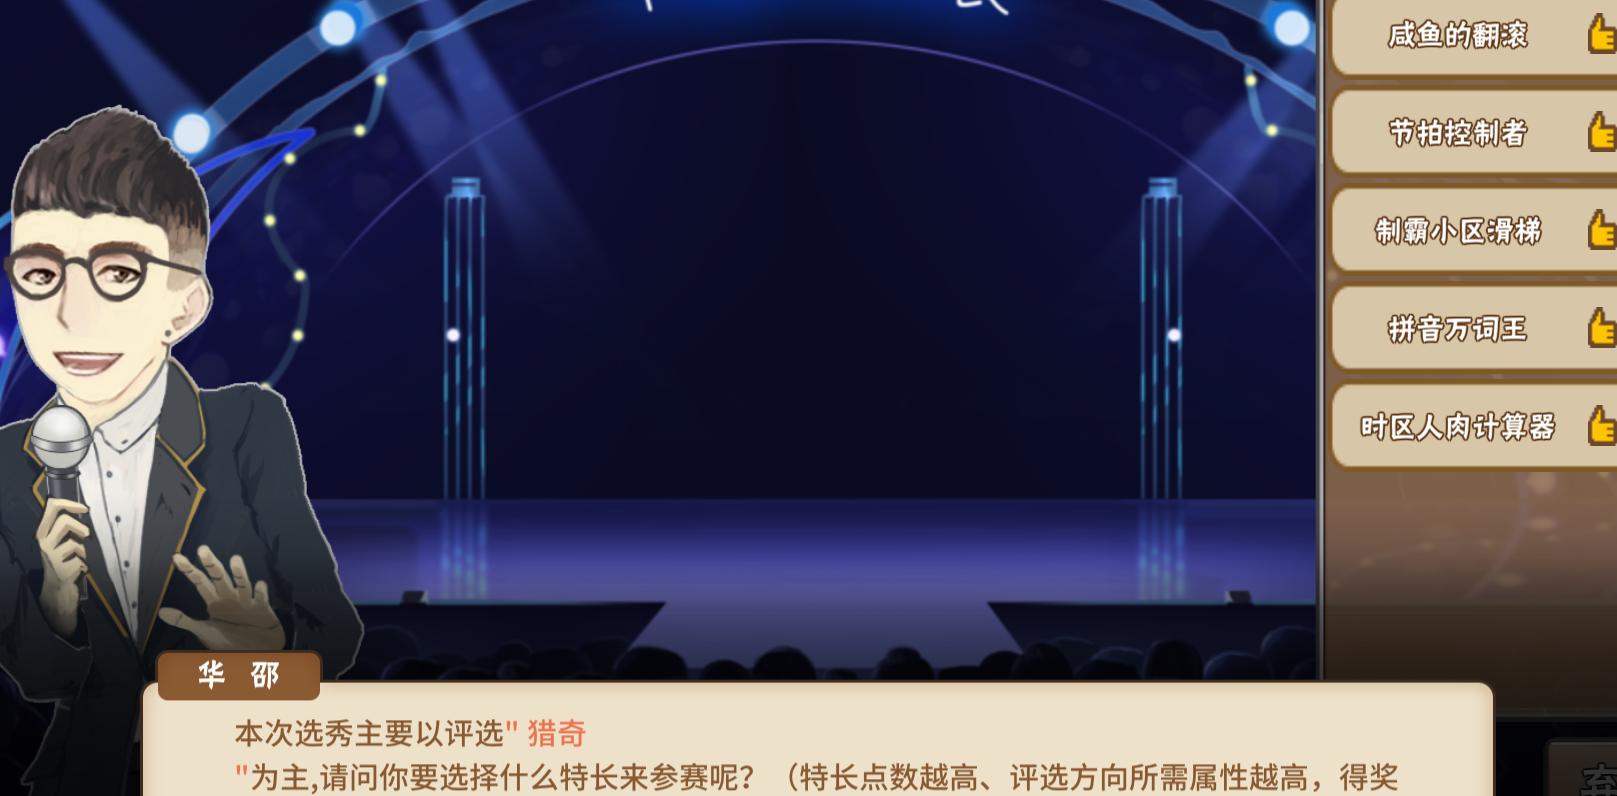 中国式家长怎么选秀?你掌握了高级特长了吗